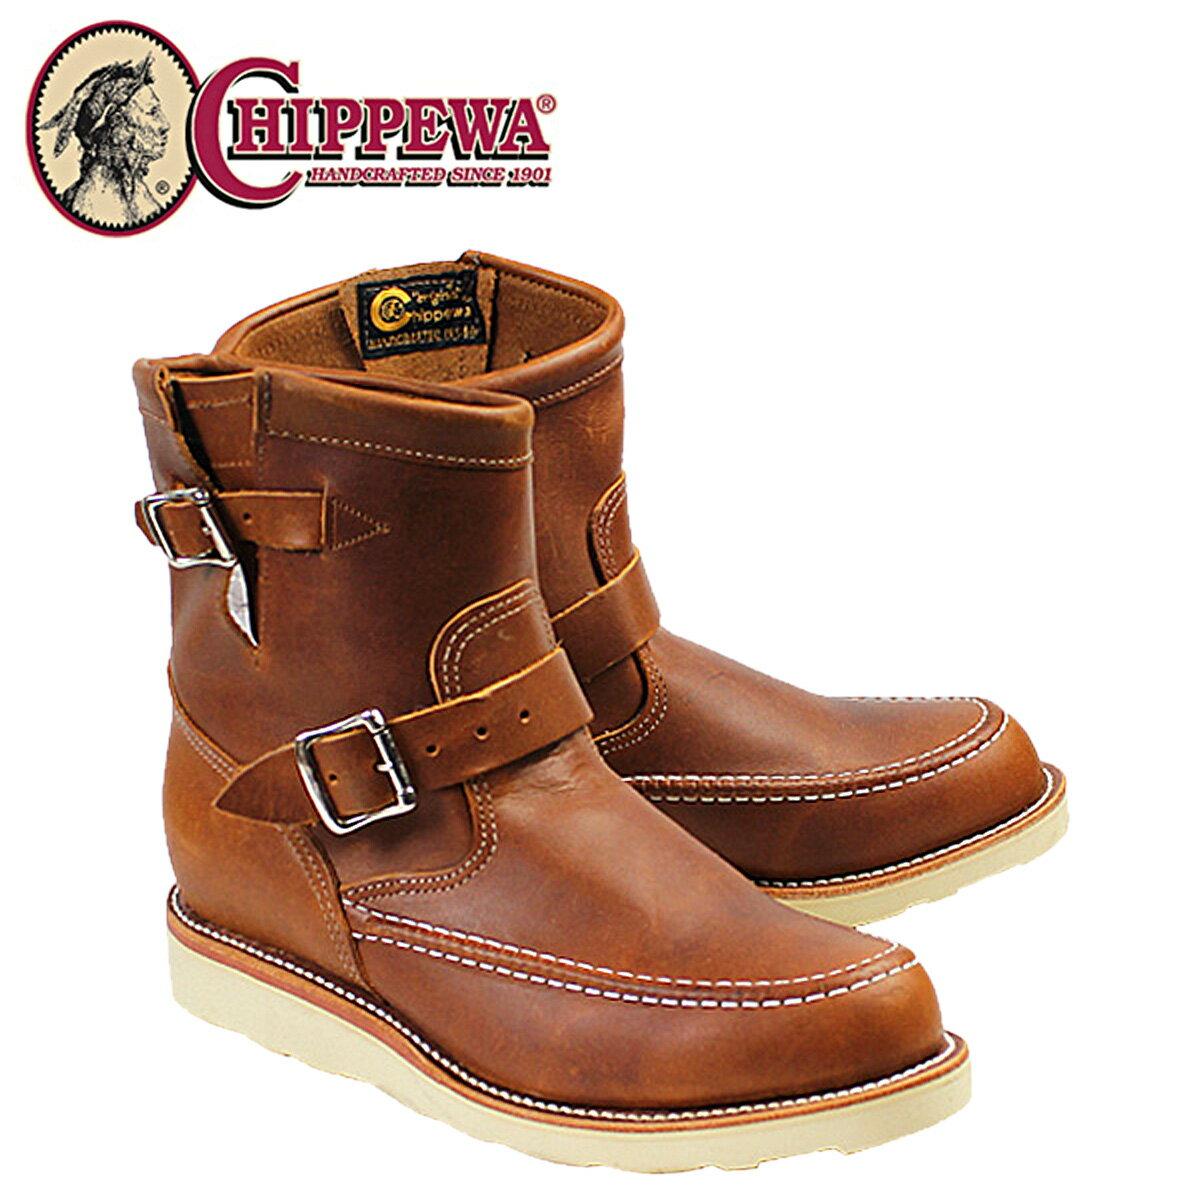 チペワ CHIPPEWA 7INCH RENEGADE HIGHLANDER ブーツ 7インチ レネゲード ハイランダー 1901M08 Eワイズ タン メンズ [12/15 再入荷]